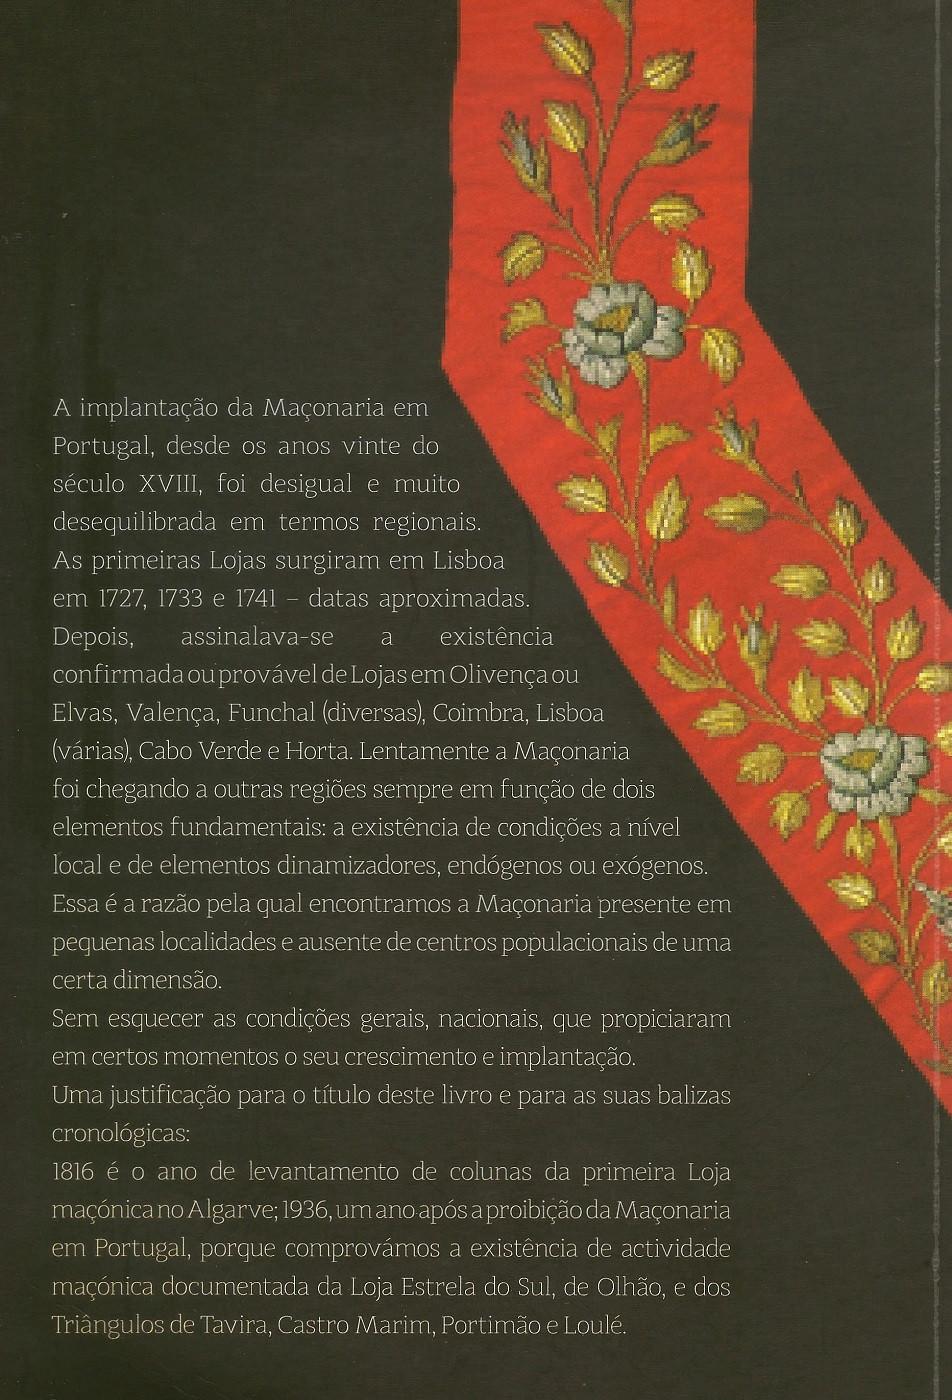 Literatura: - 120 ANOS DE MAÇONARIA NO ALGARVE (1816-1936)